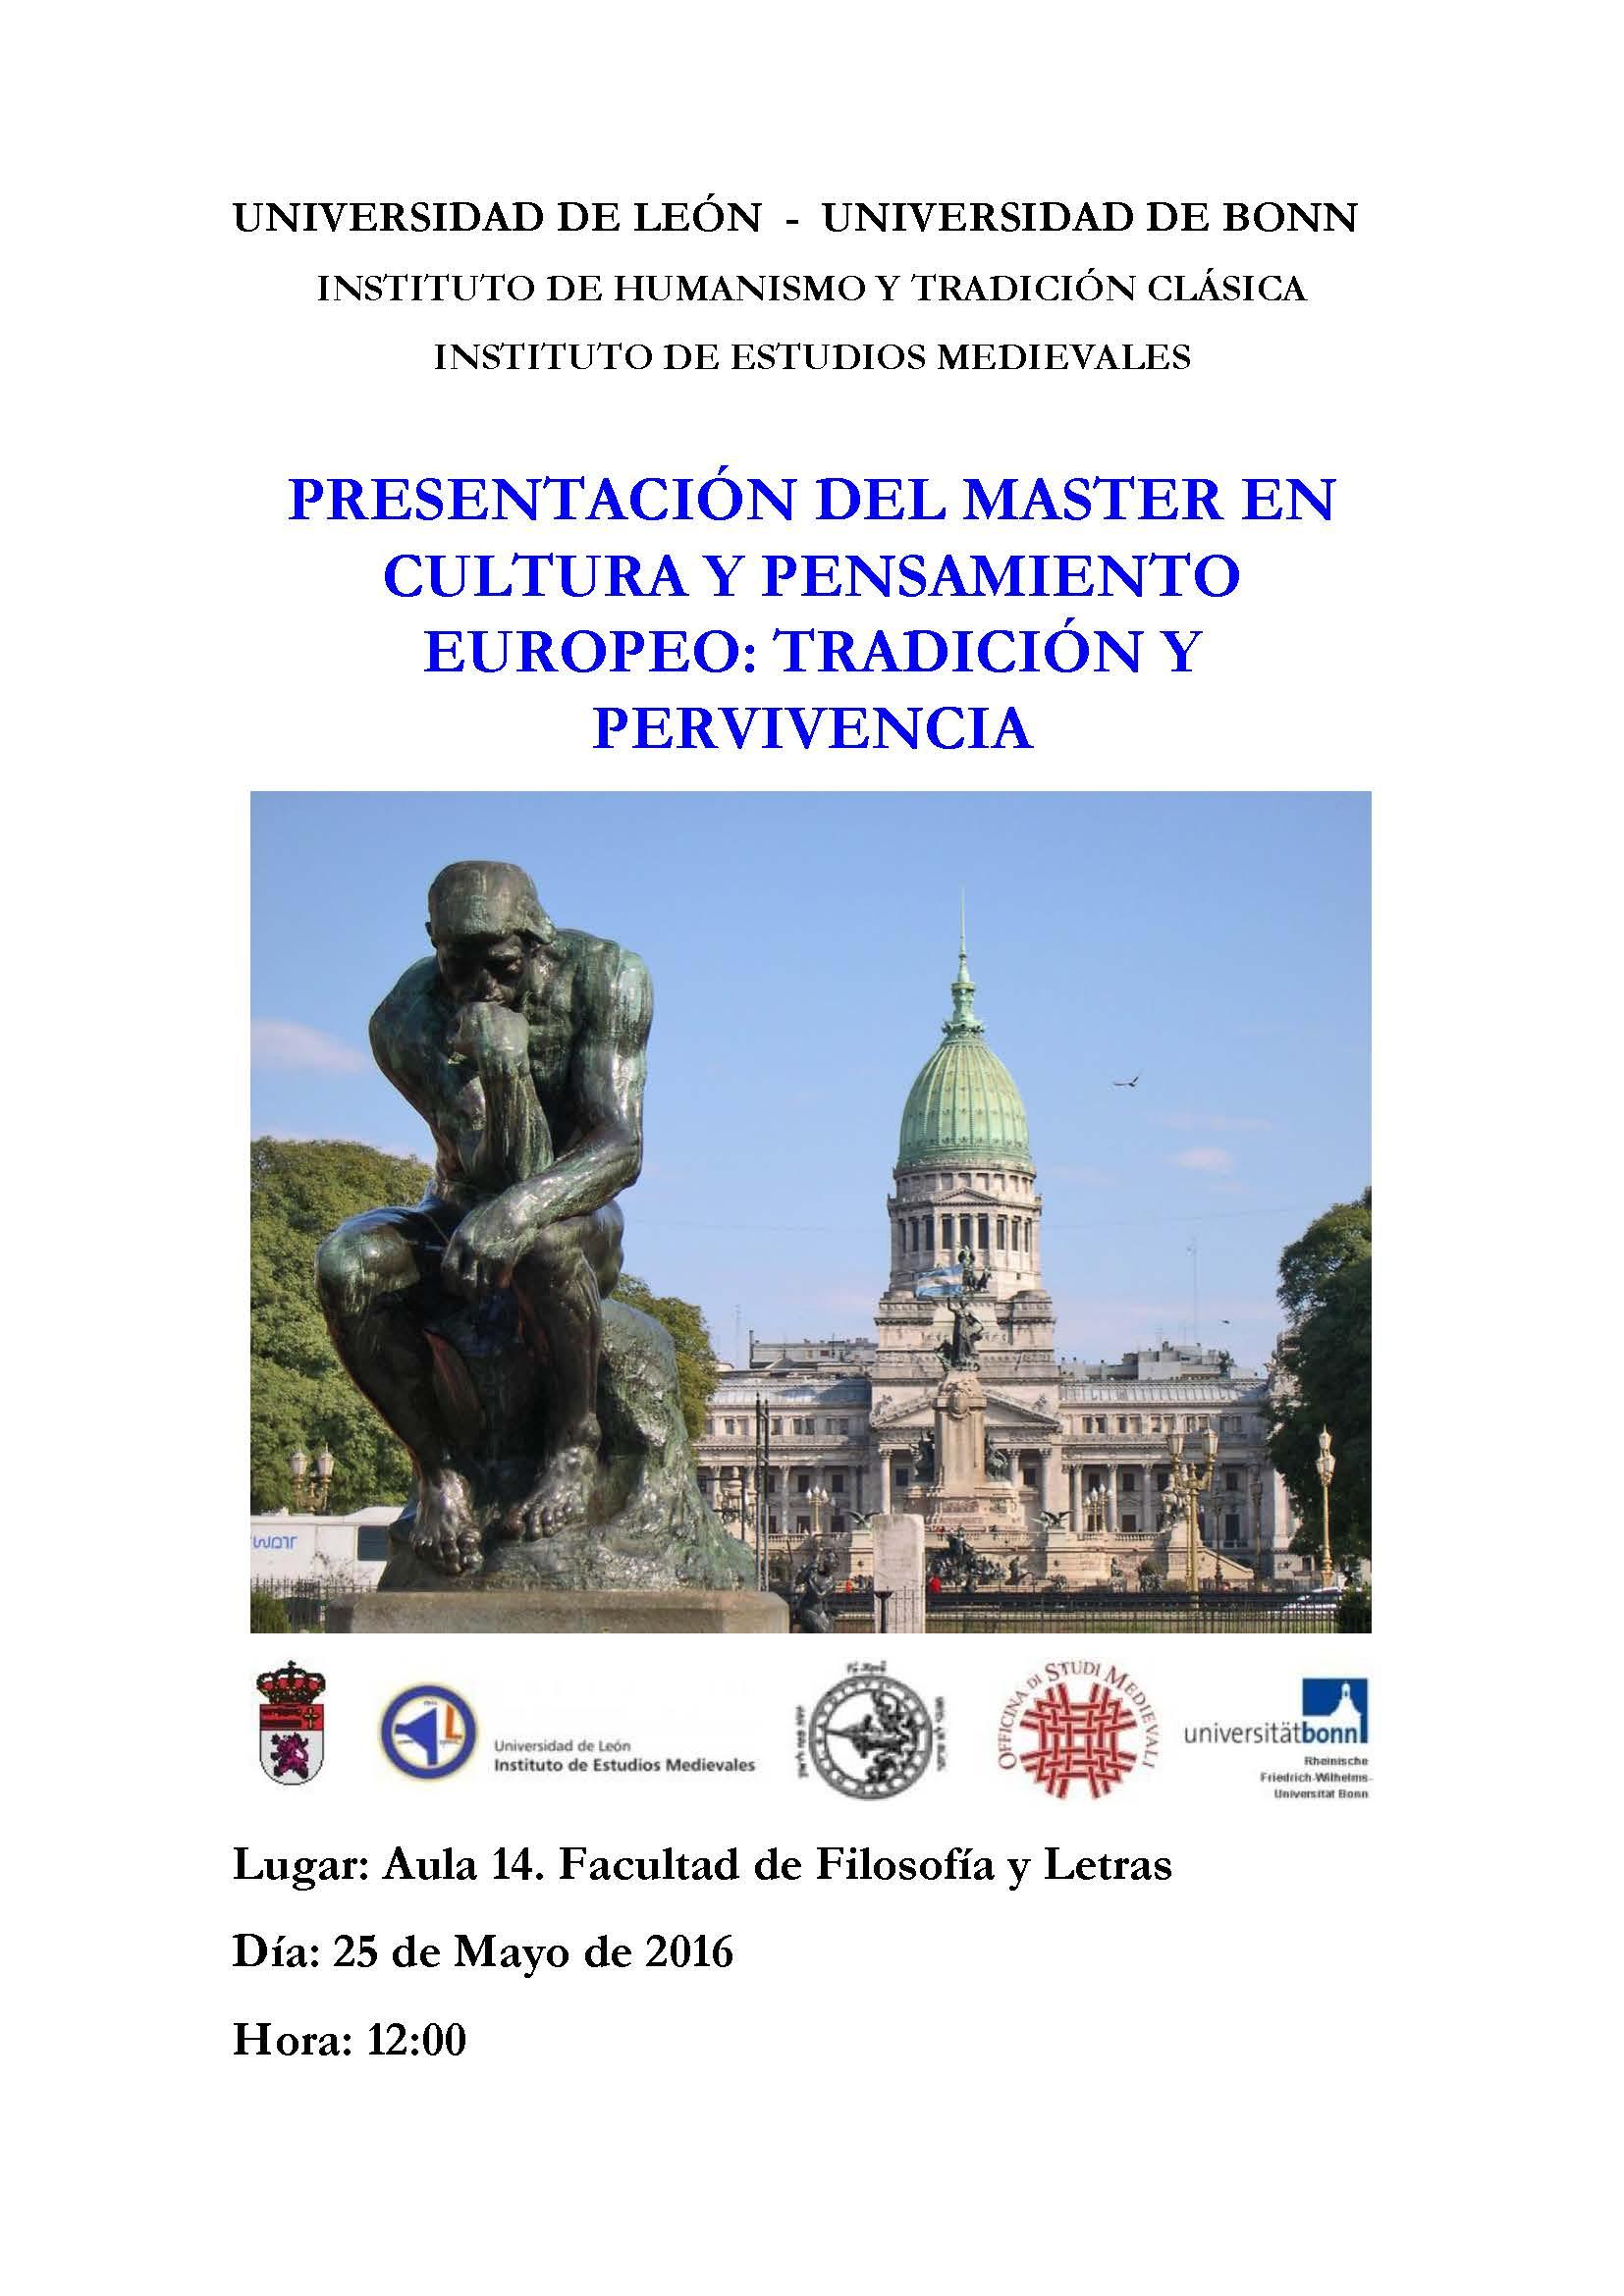 Presentacion Master Cultura y Pensamiento